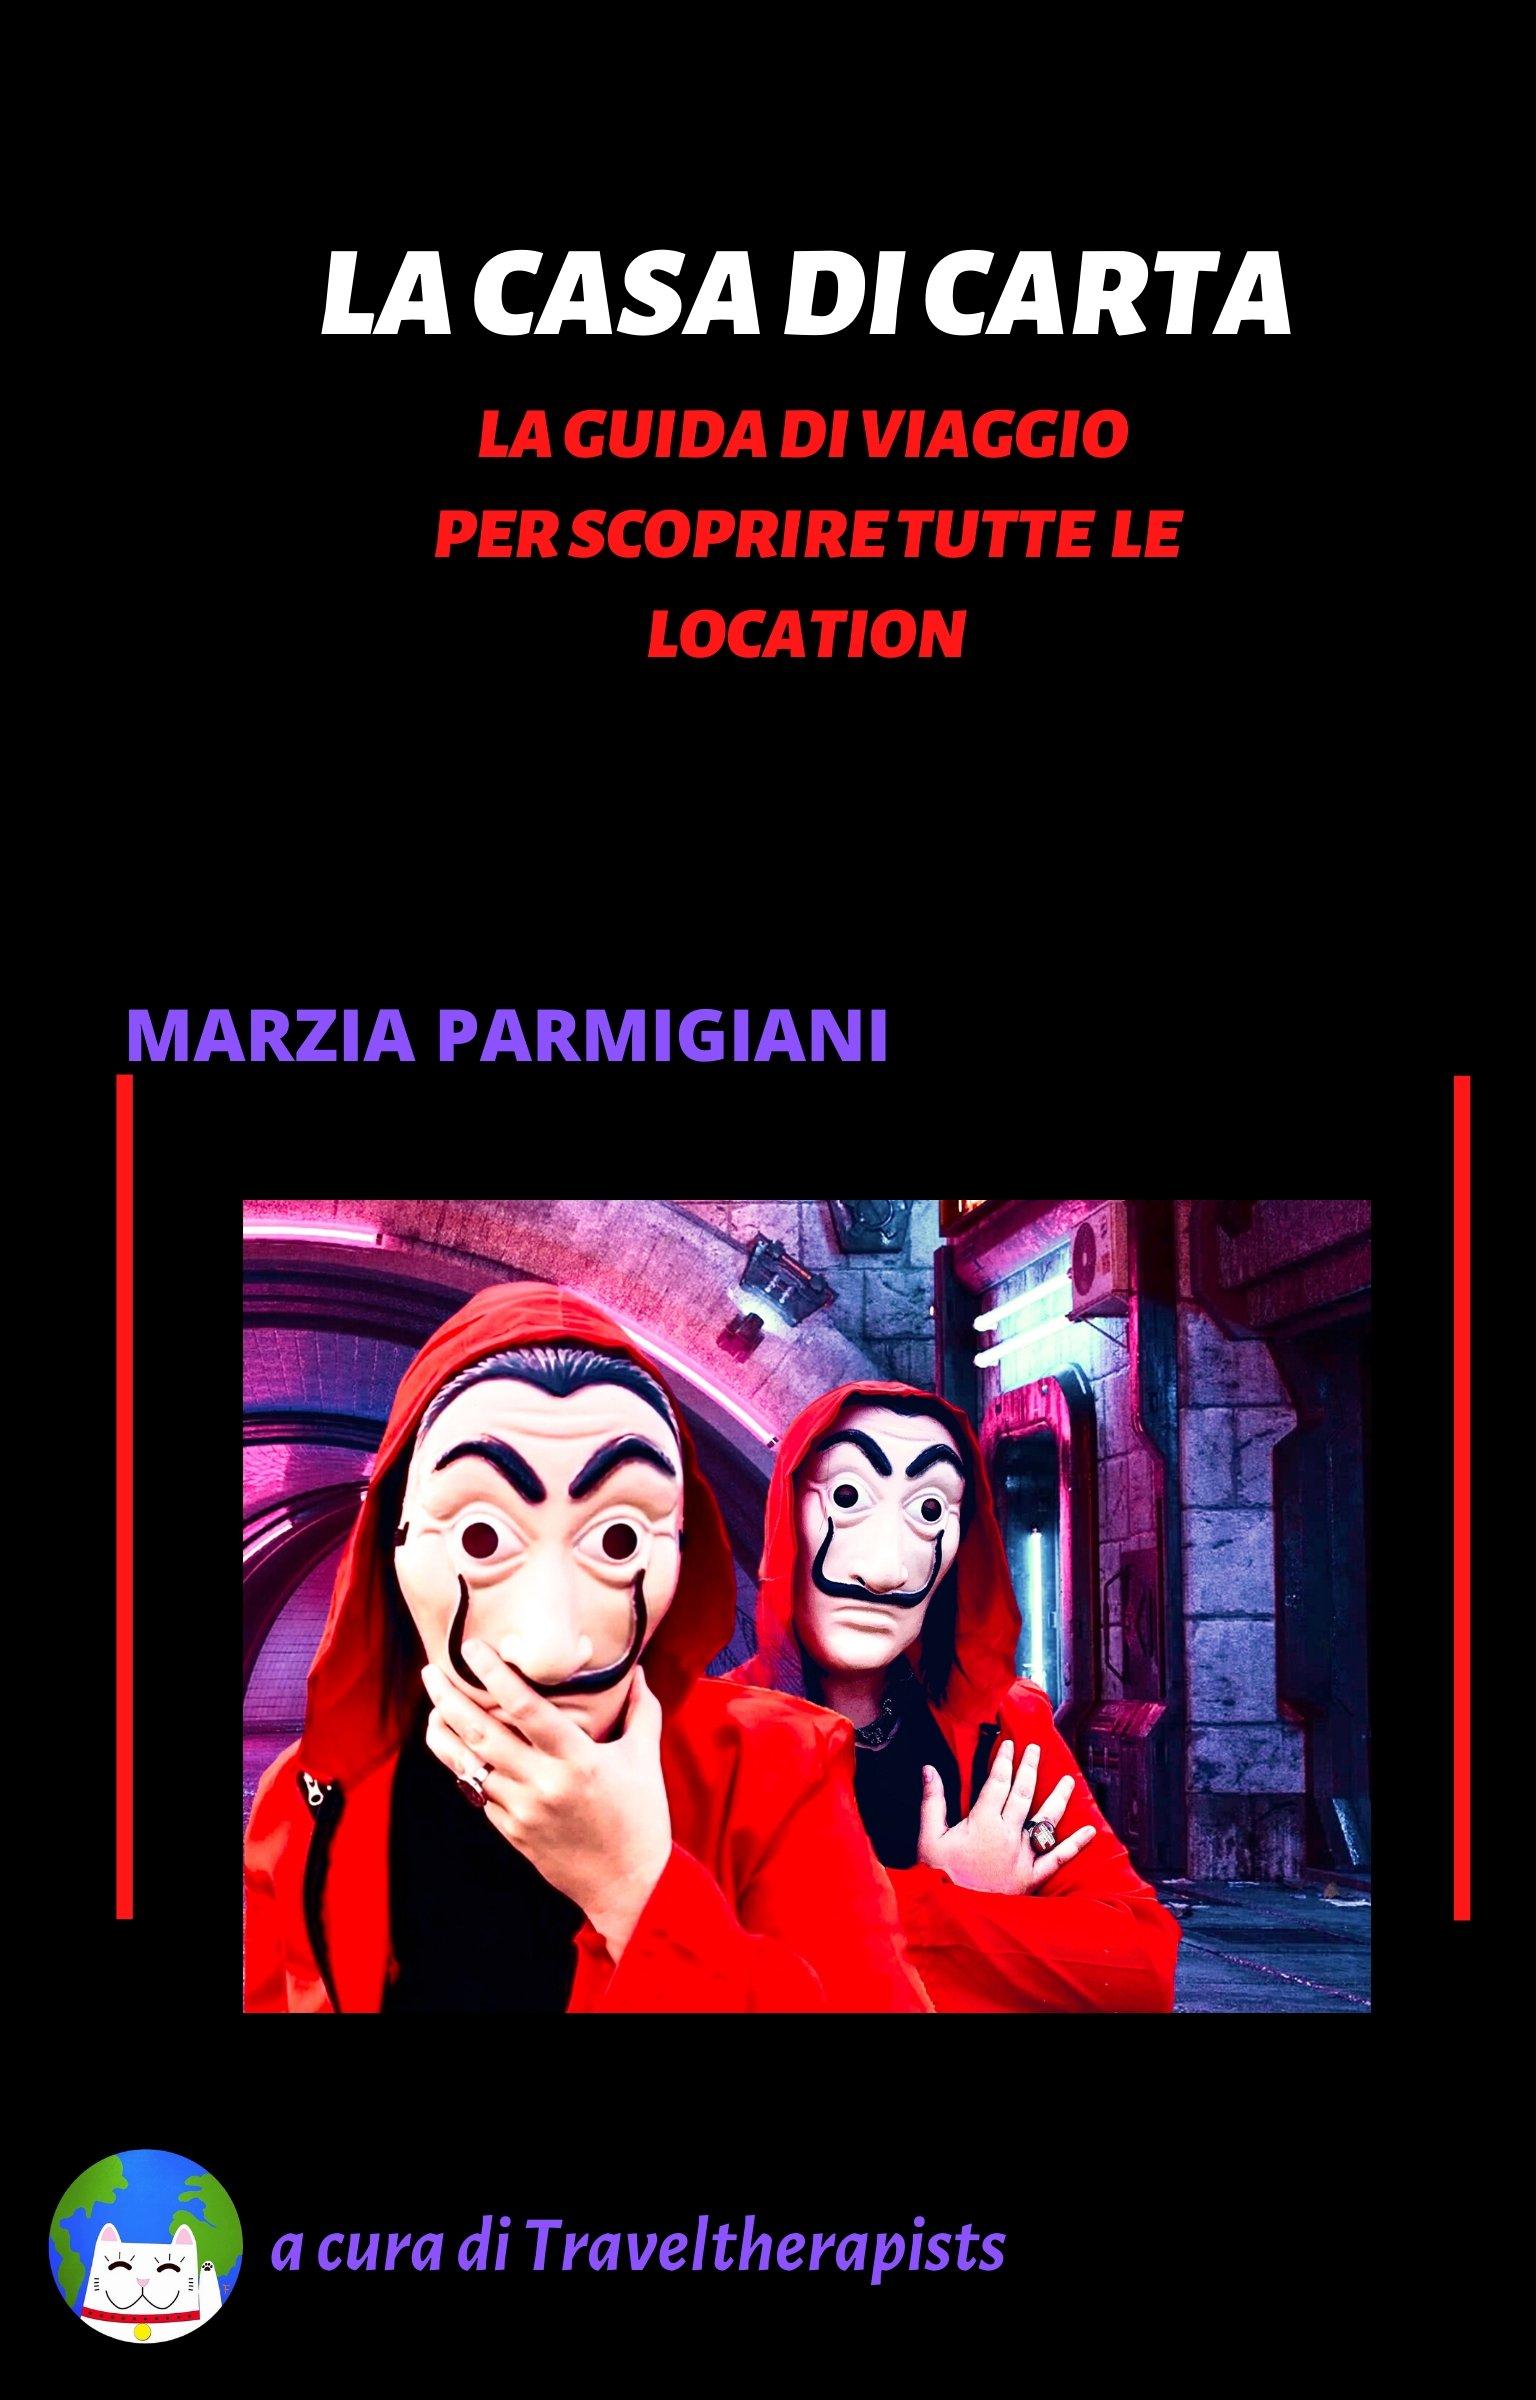 guida di viaggio casa di carta cineturismo marzia parmigiani libro traveltherapists blog di viaggio miglior blog di viaggio